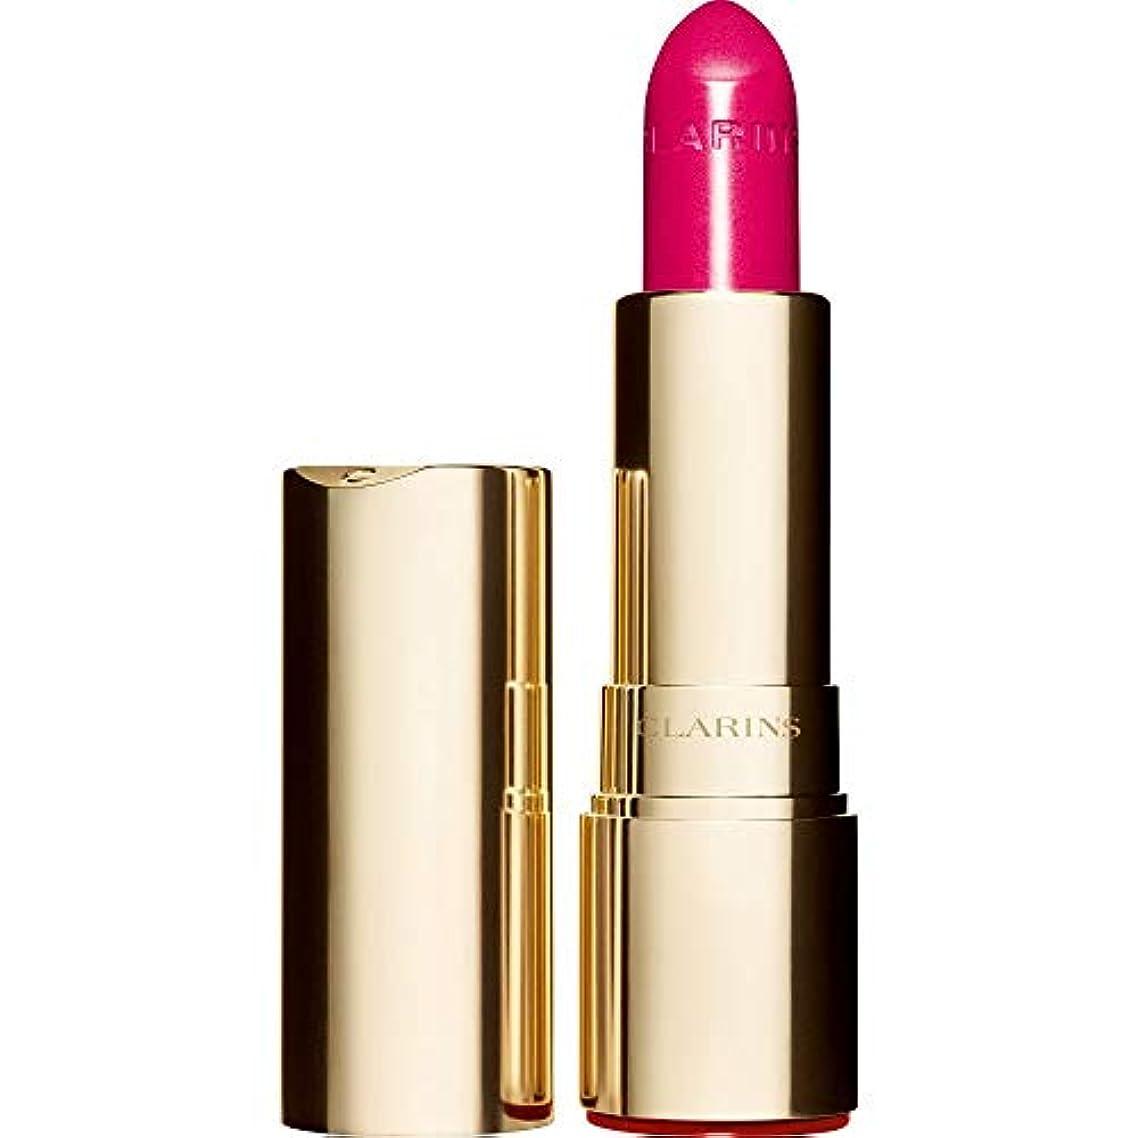 むさぼり食うビットタンカー[Clarins ] クラランスジョリルージュブリリアント口紅3.5グラムの713S - ホットピンク - Clarins Joli Rouge Brillant Lipstick 3.5g 713S - Hot Pink...